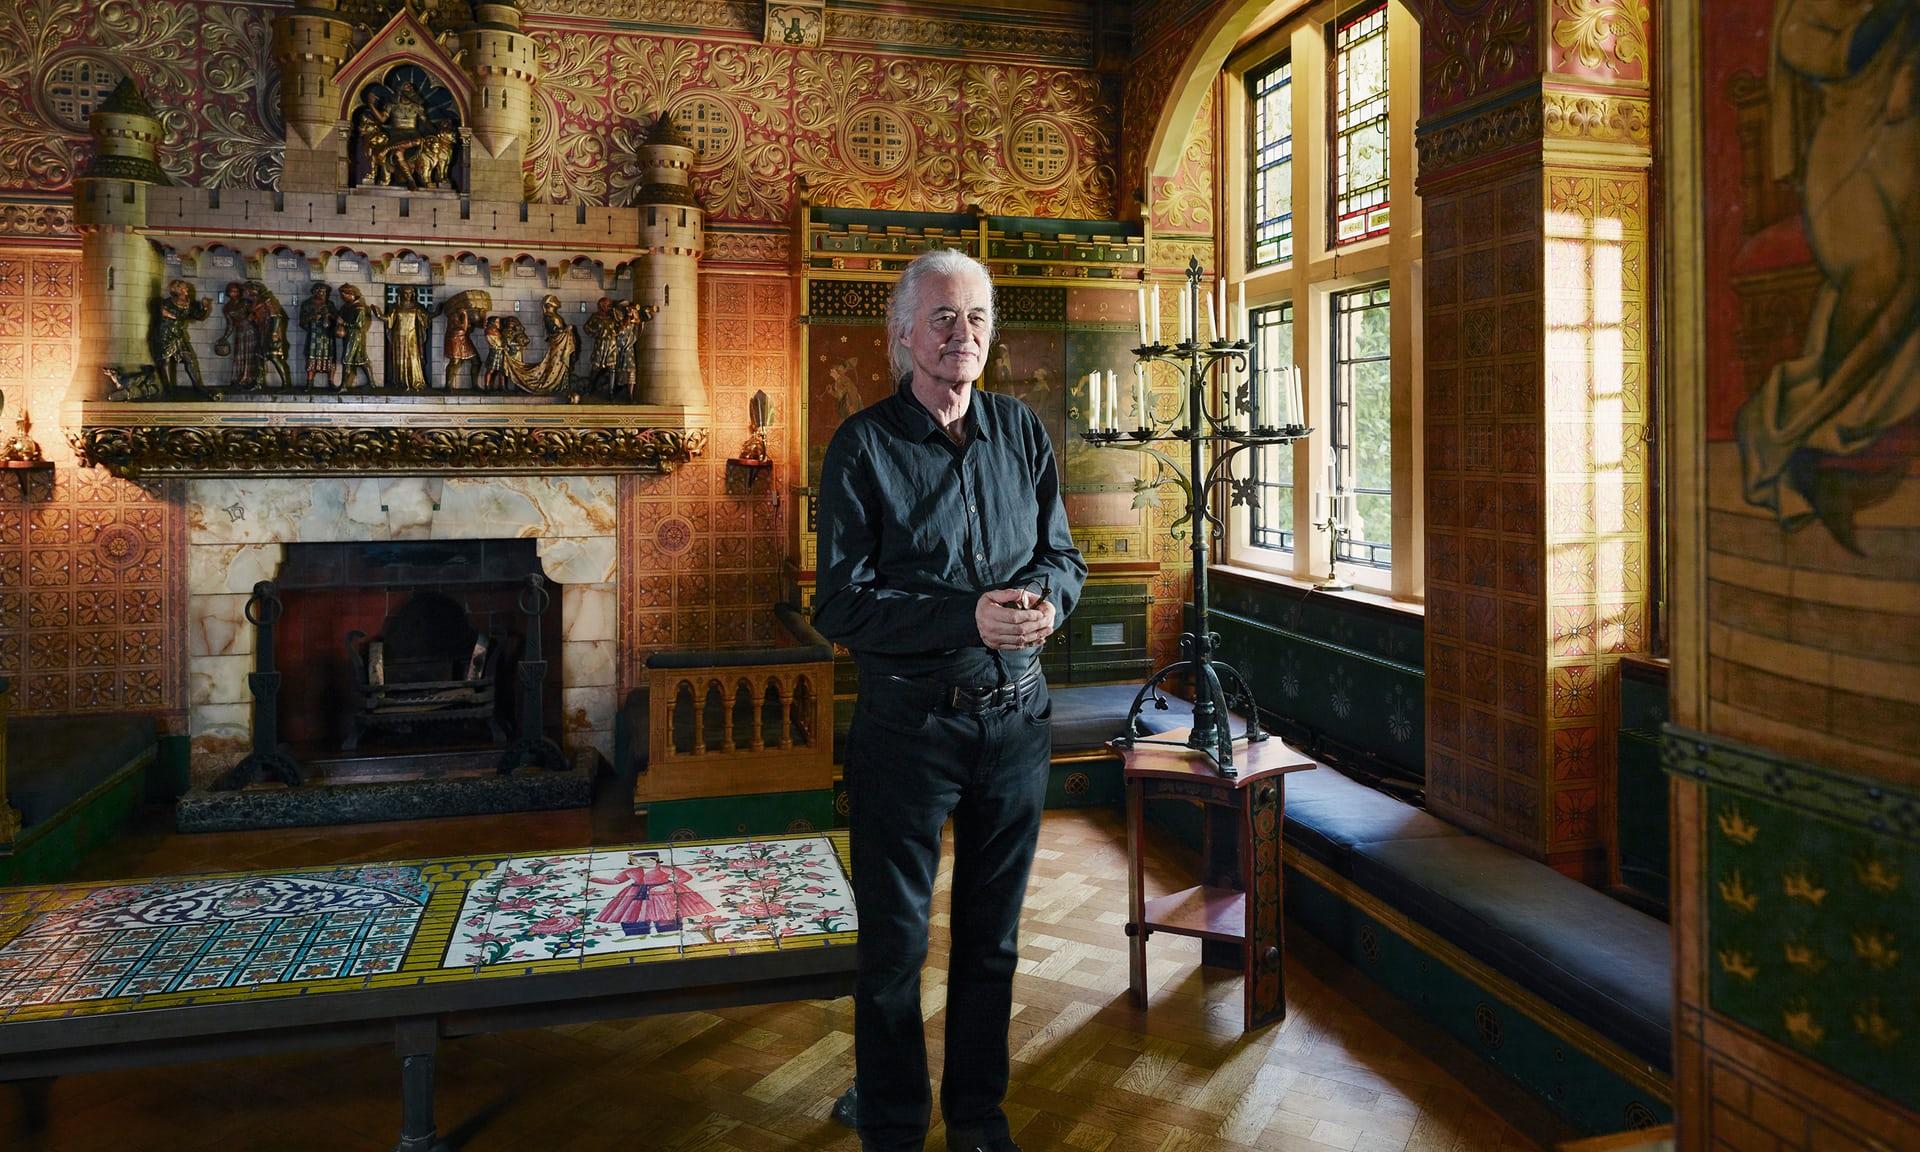 Читальный зал: библиотека с богато украшенным камином. В доме Пейдж играет только на акустической гитаре в доме, чтобы защитить исторический интерьер от вибраций.